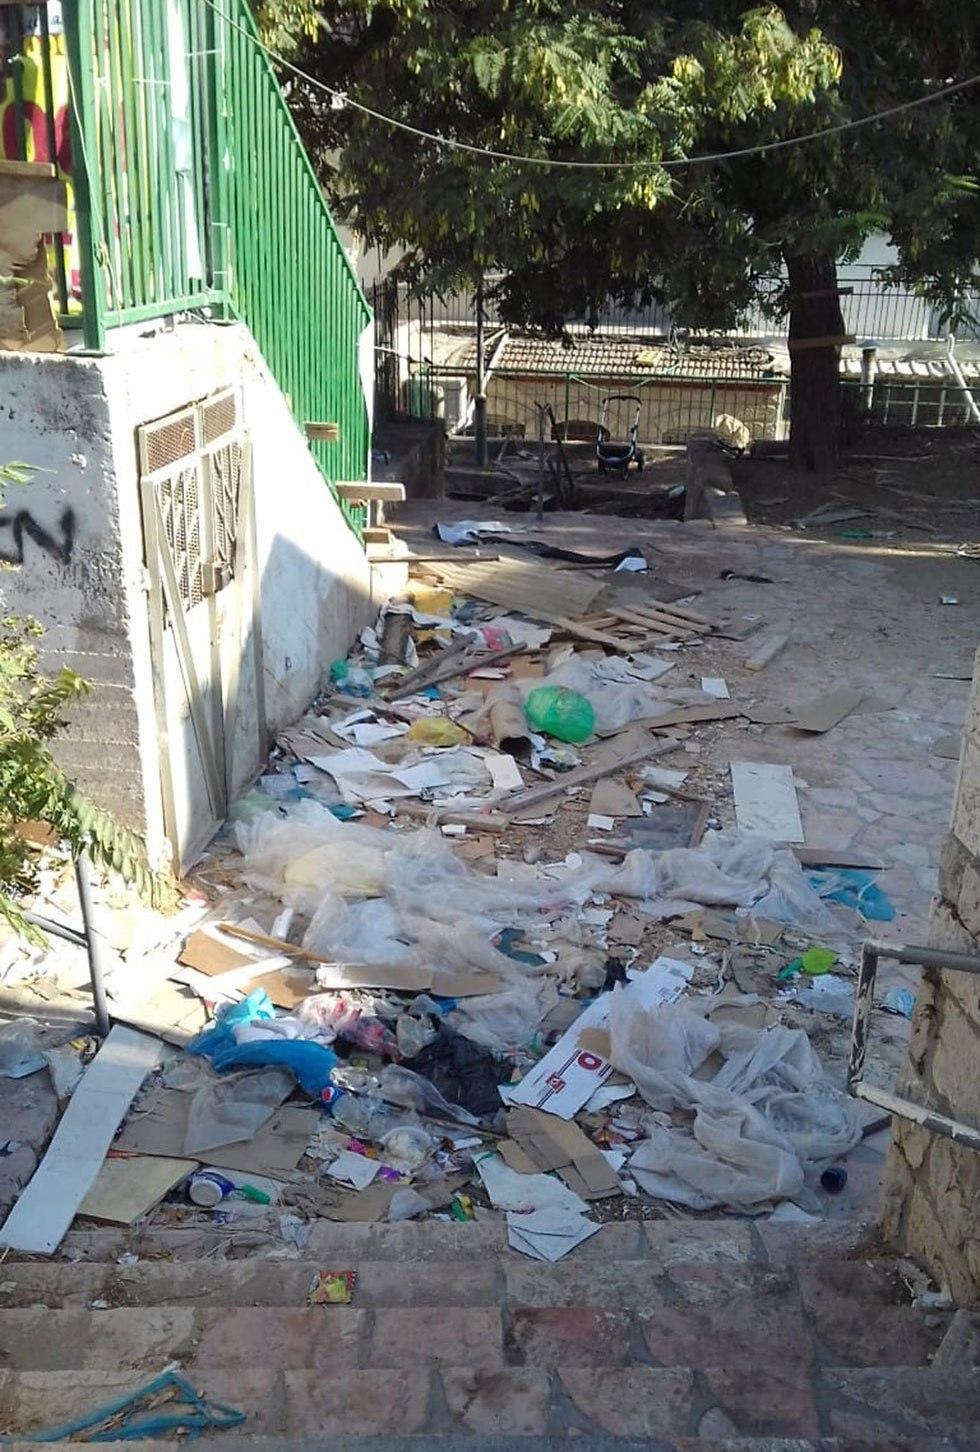 זבל ופח אשפה גדוש בשכונת קטמון, זבל חוסם את הרחוב בשכונת הבוכרים (באדיבות תושבי העיר)